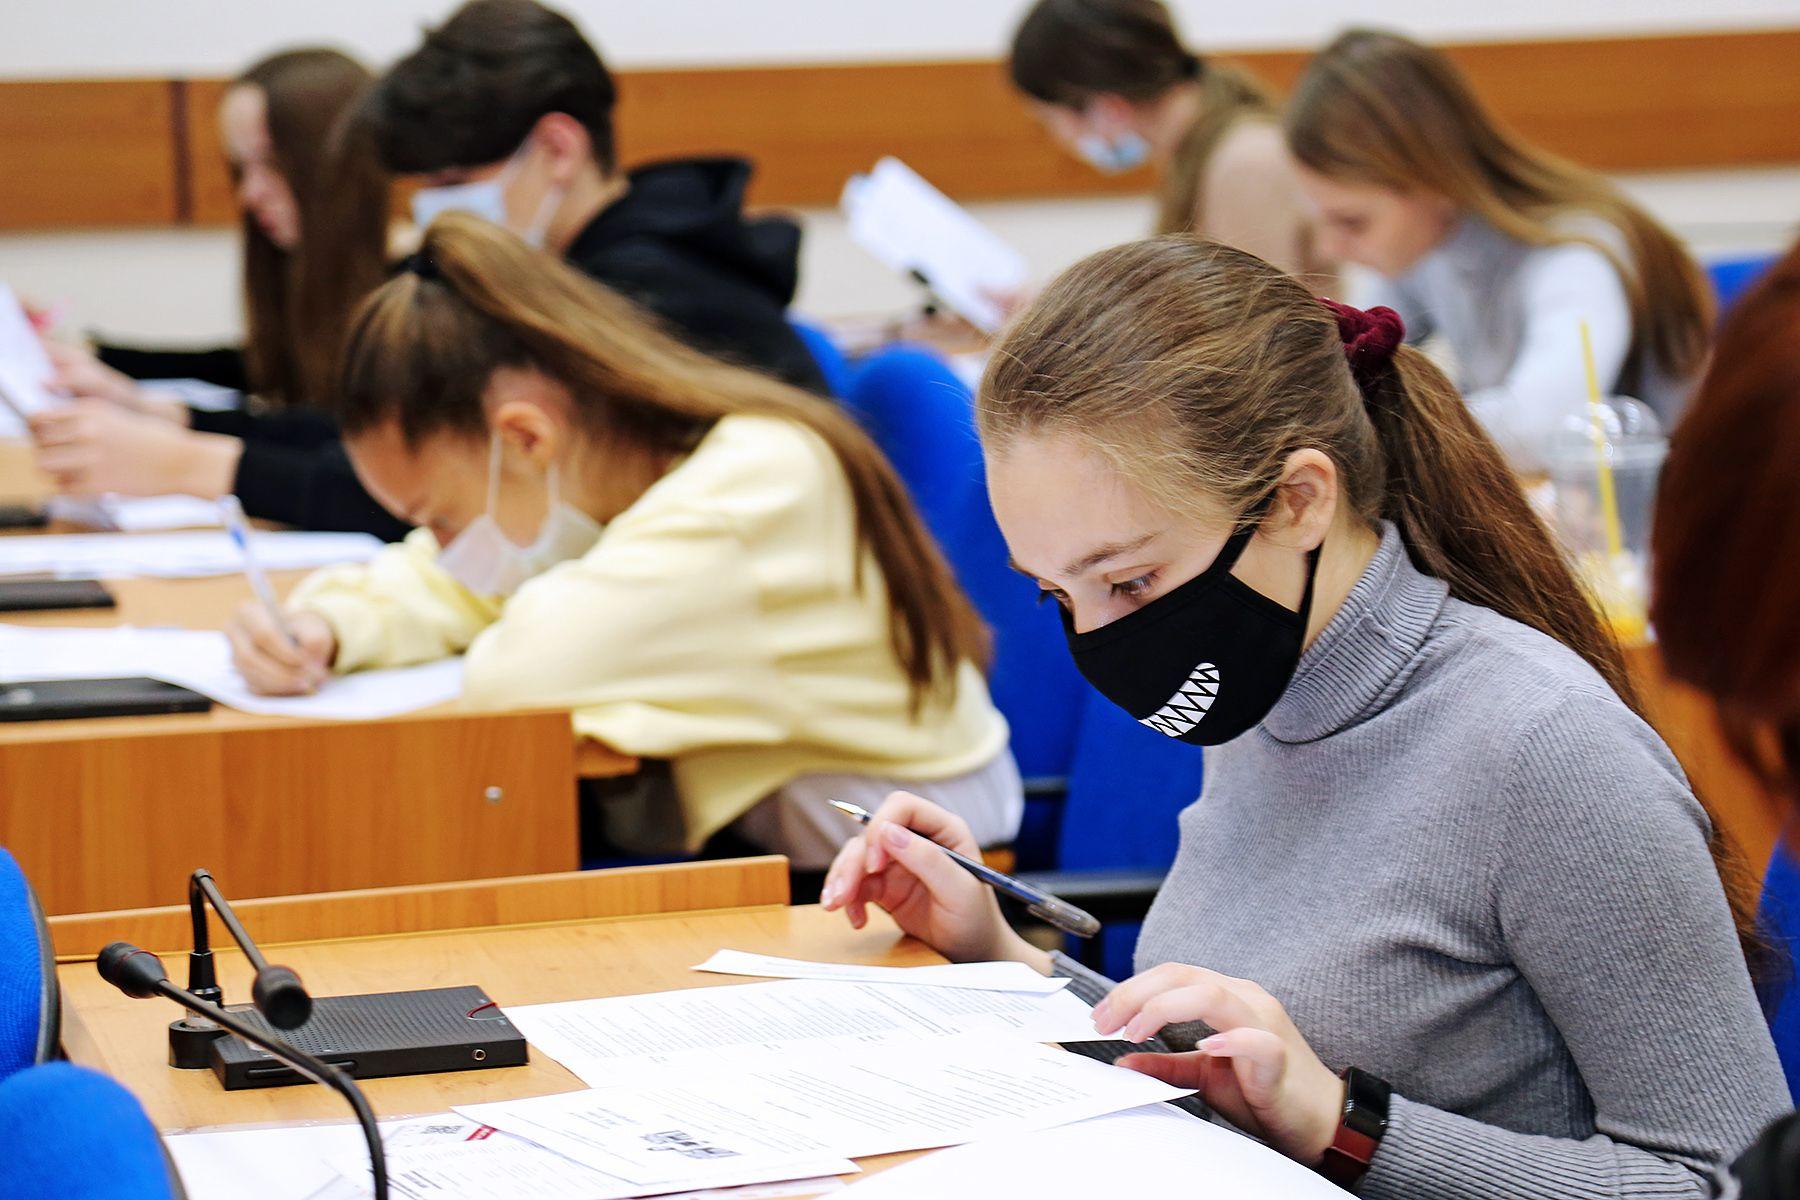 Выбор профессии с восьмого класса: старшеклассники Приморья приняли участие в конкурсе «Мой путь в профессию» во ВГУЭС